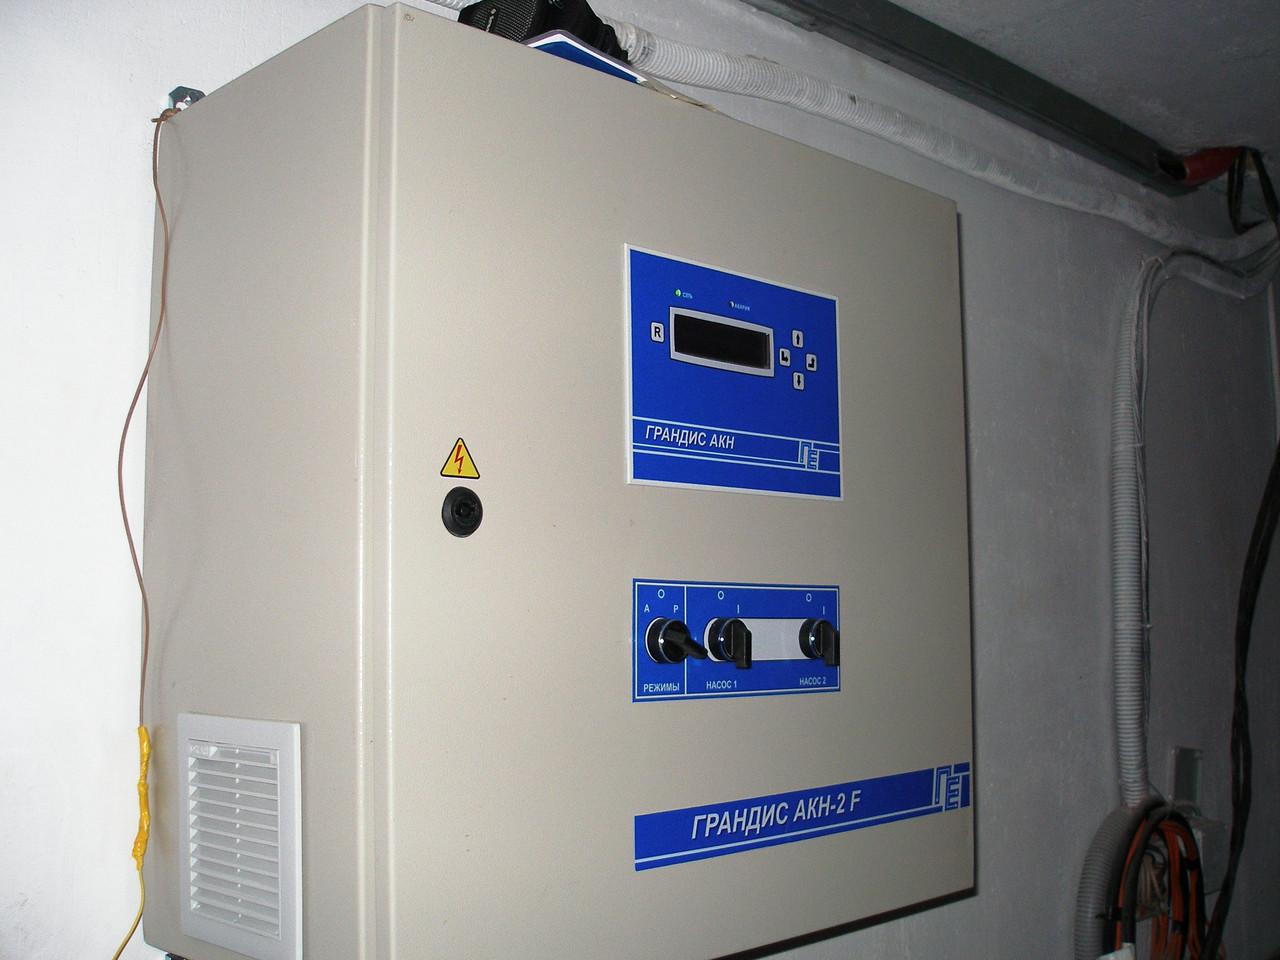 Устройство серии Грандис АКН -1F-4.0  с частотным регулированием